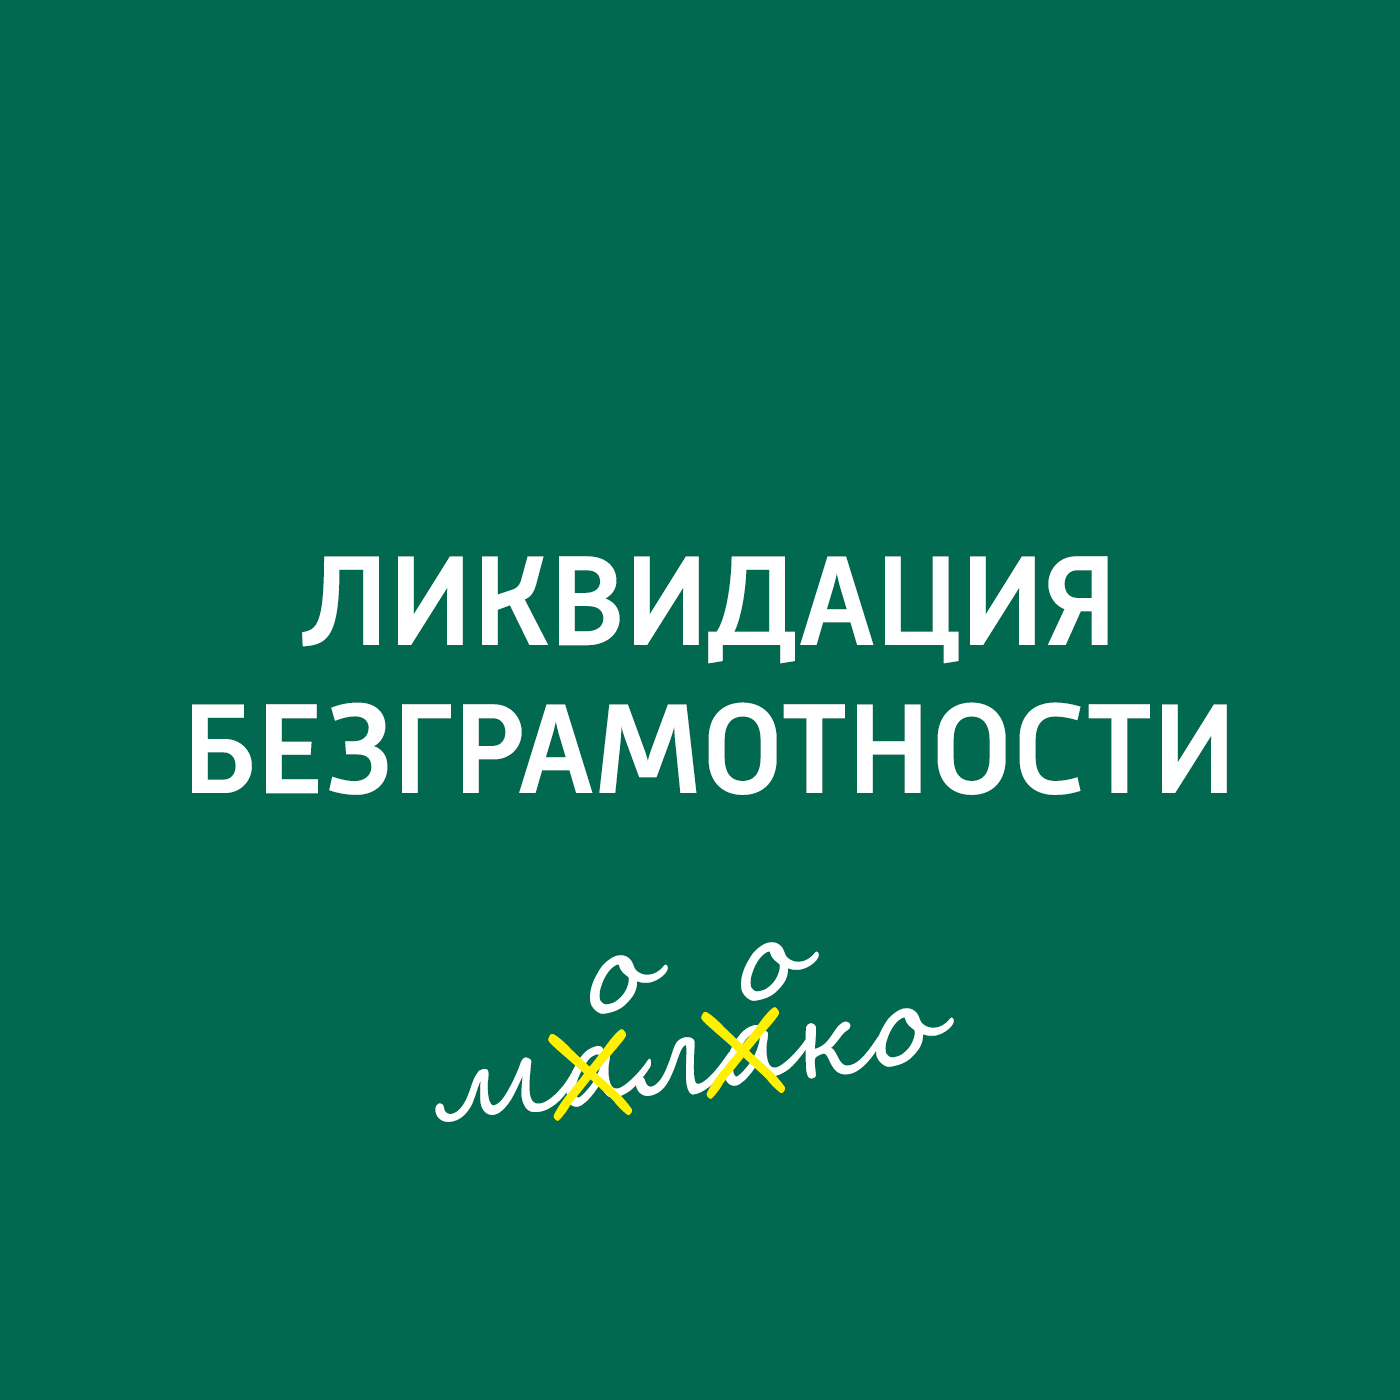 Русский язык в неволе не живет